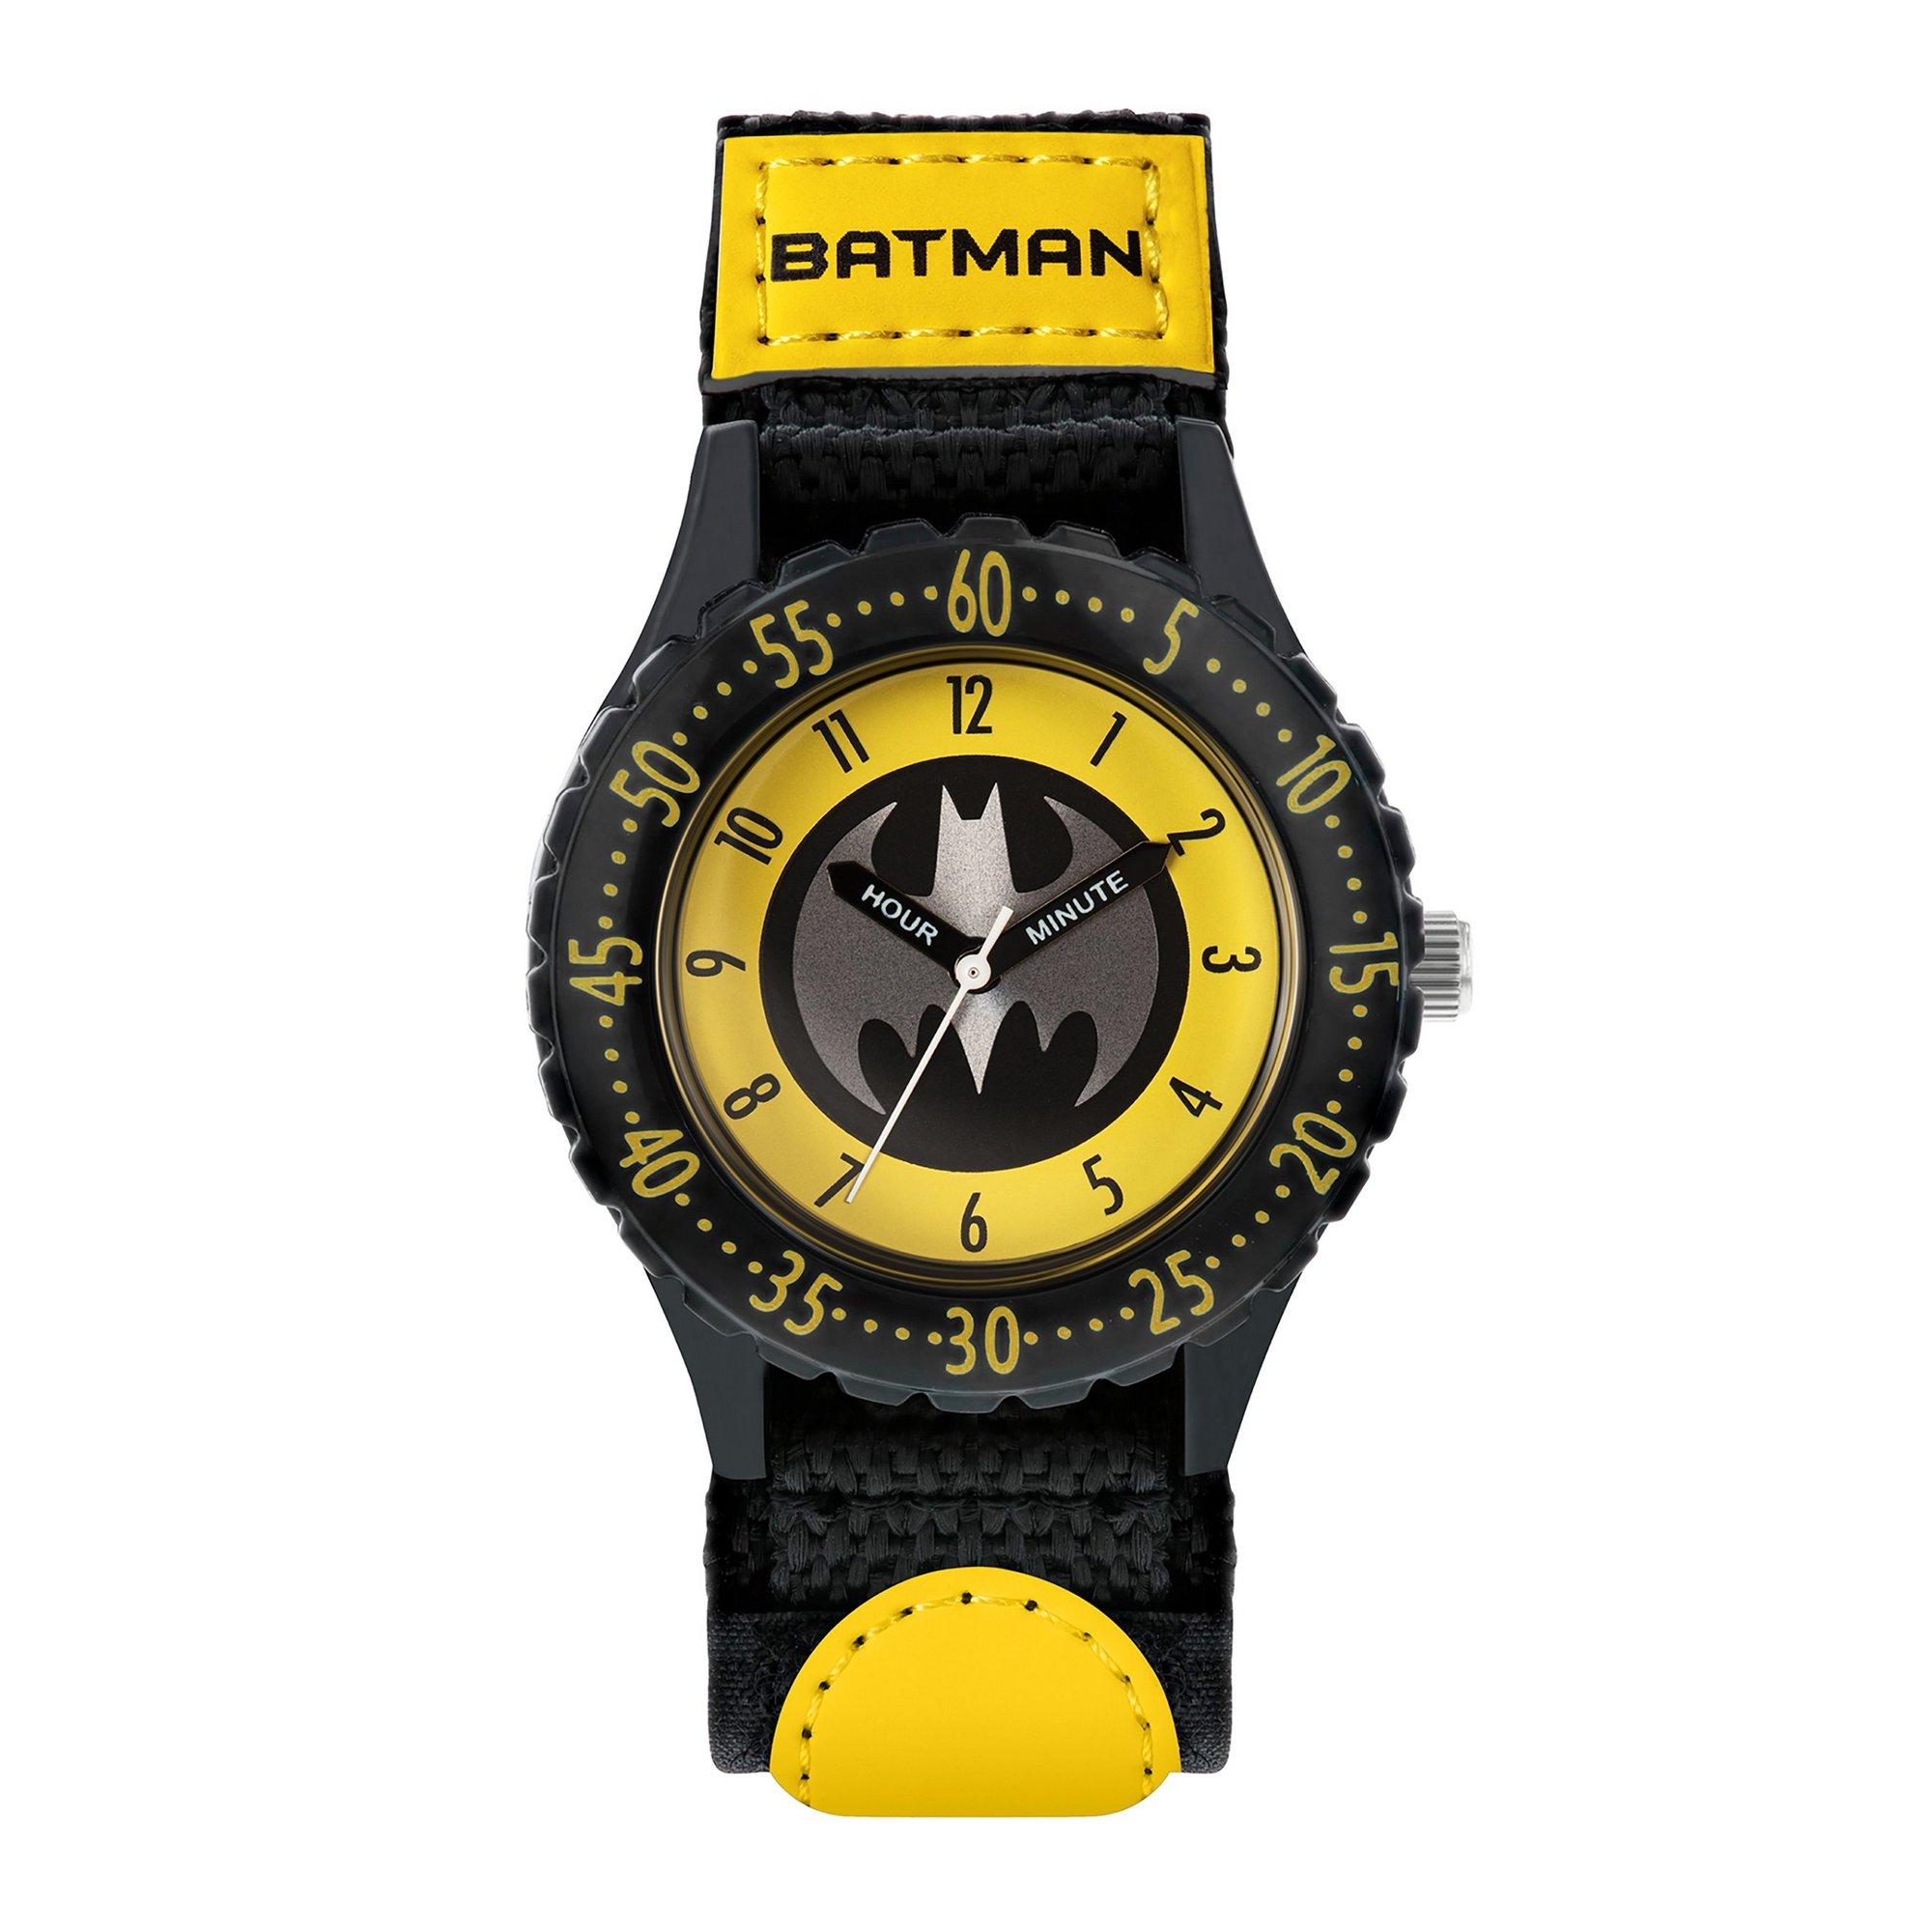 Image of Batman Analogue Strap Watch